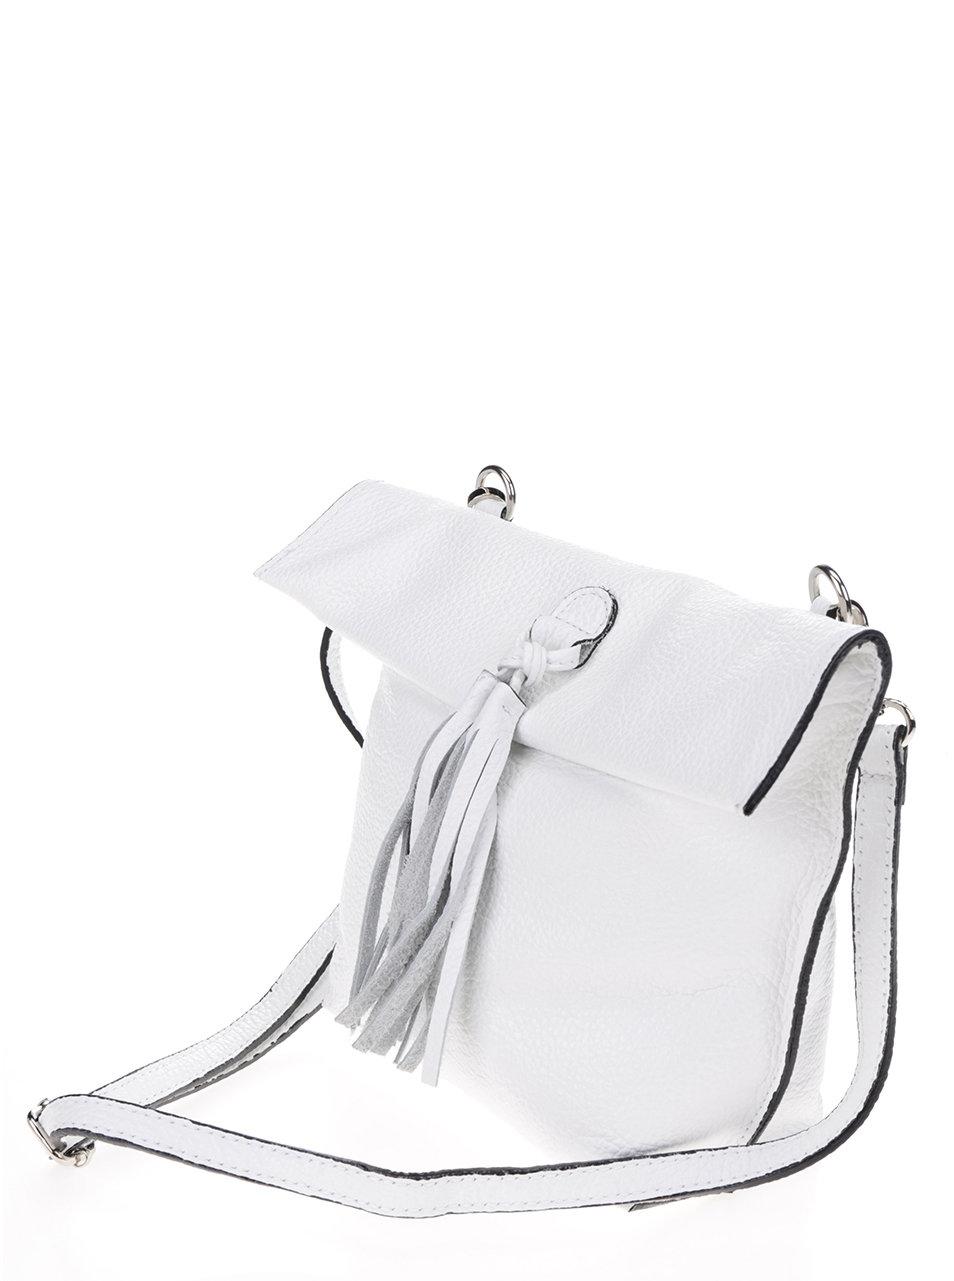 5322dad7c Biela kožená crossbody kabelka so strapcom ZOOT | ZOOT.sk